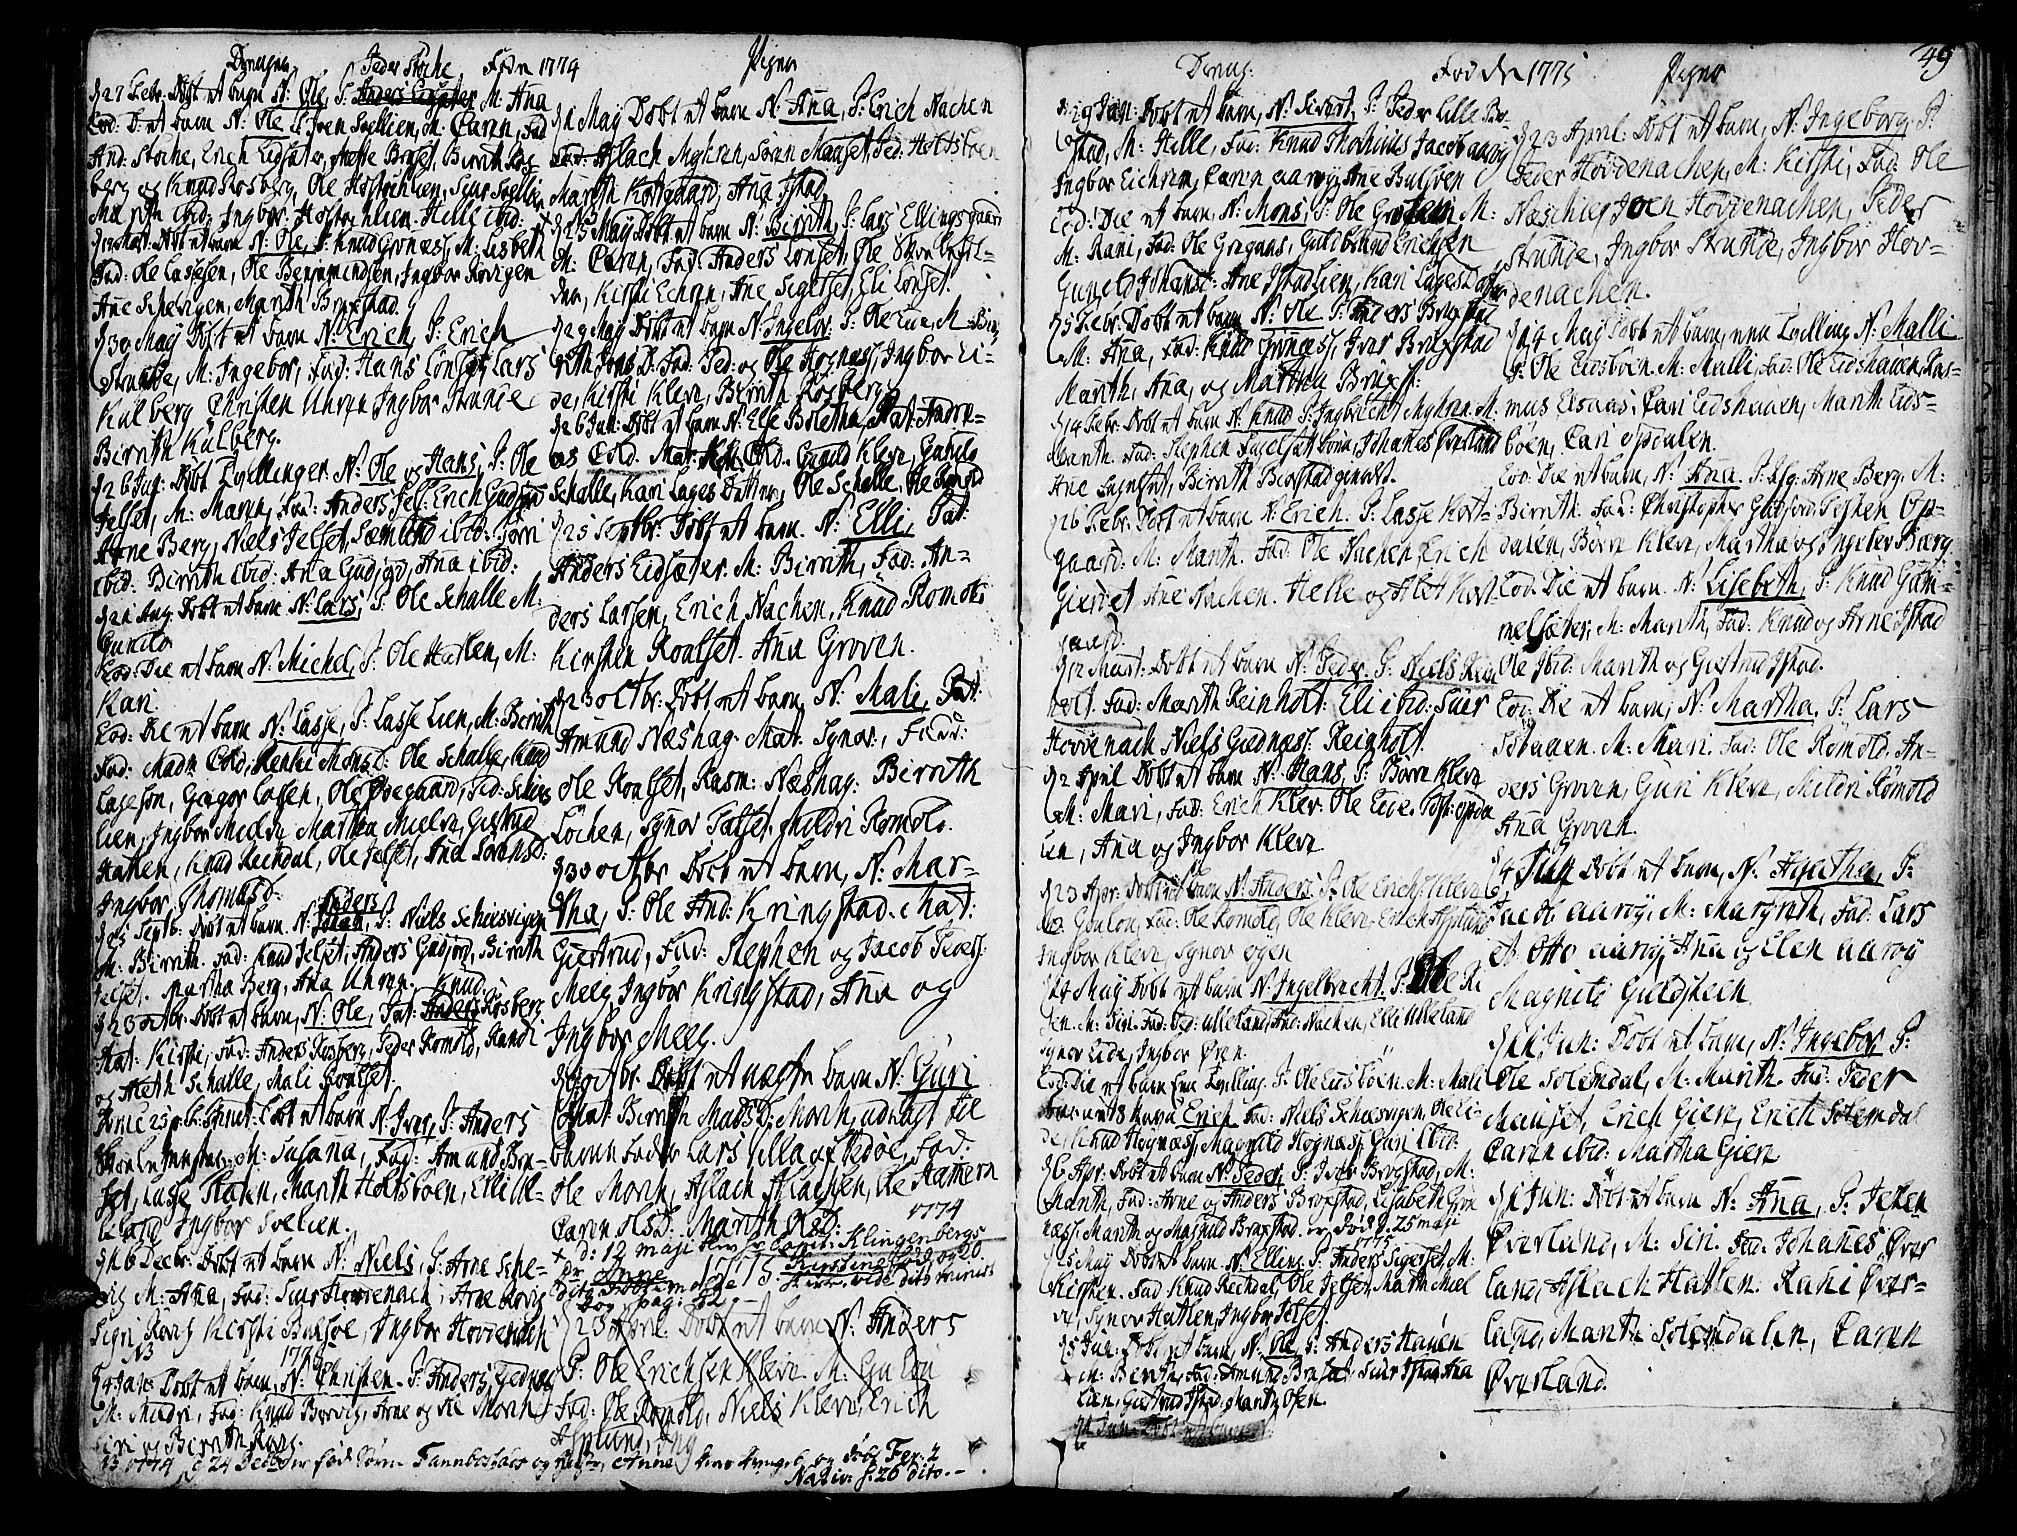 SAT, Ministerialprotokoller, klokkerbøker og fødselsregistre - Møre og Romsdal, 555/L0648: Ministerialbok nr. 555A01, 1759-1793, s. 49